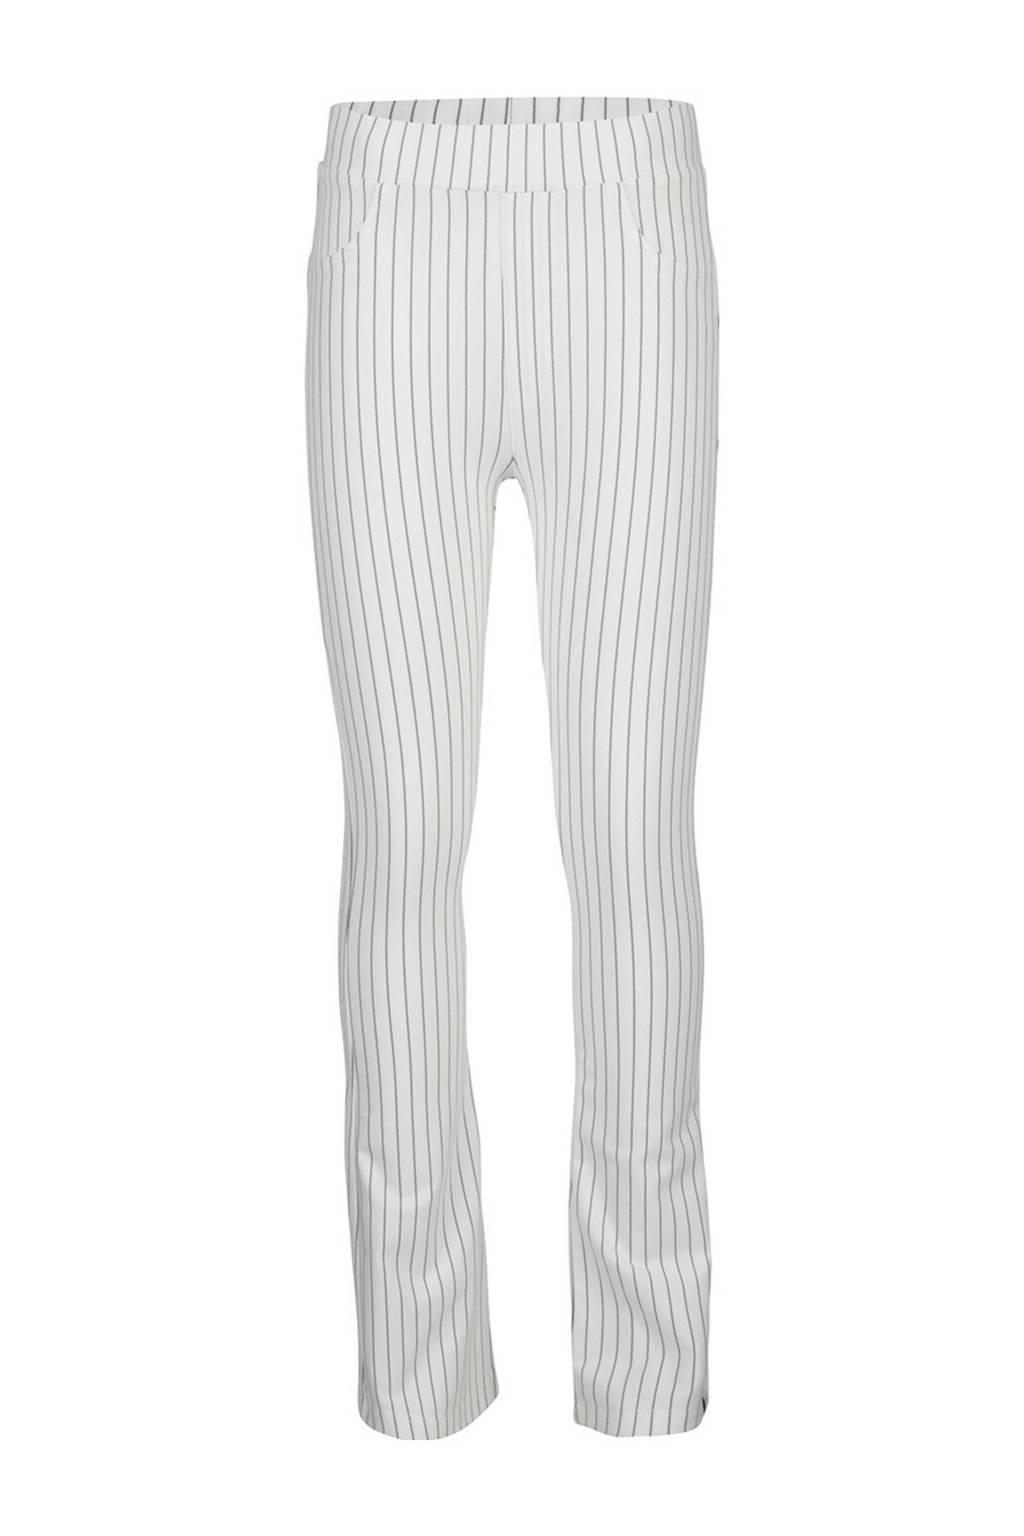 Indian Blue Jeans gestreepte flared broek offwhite/zwart, Offwhite/zwart